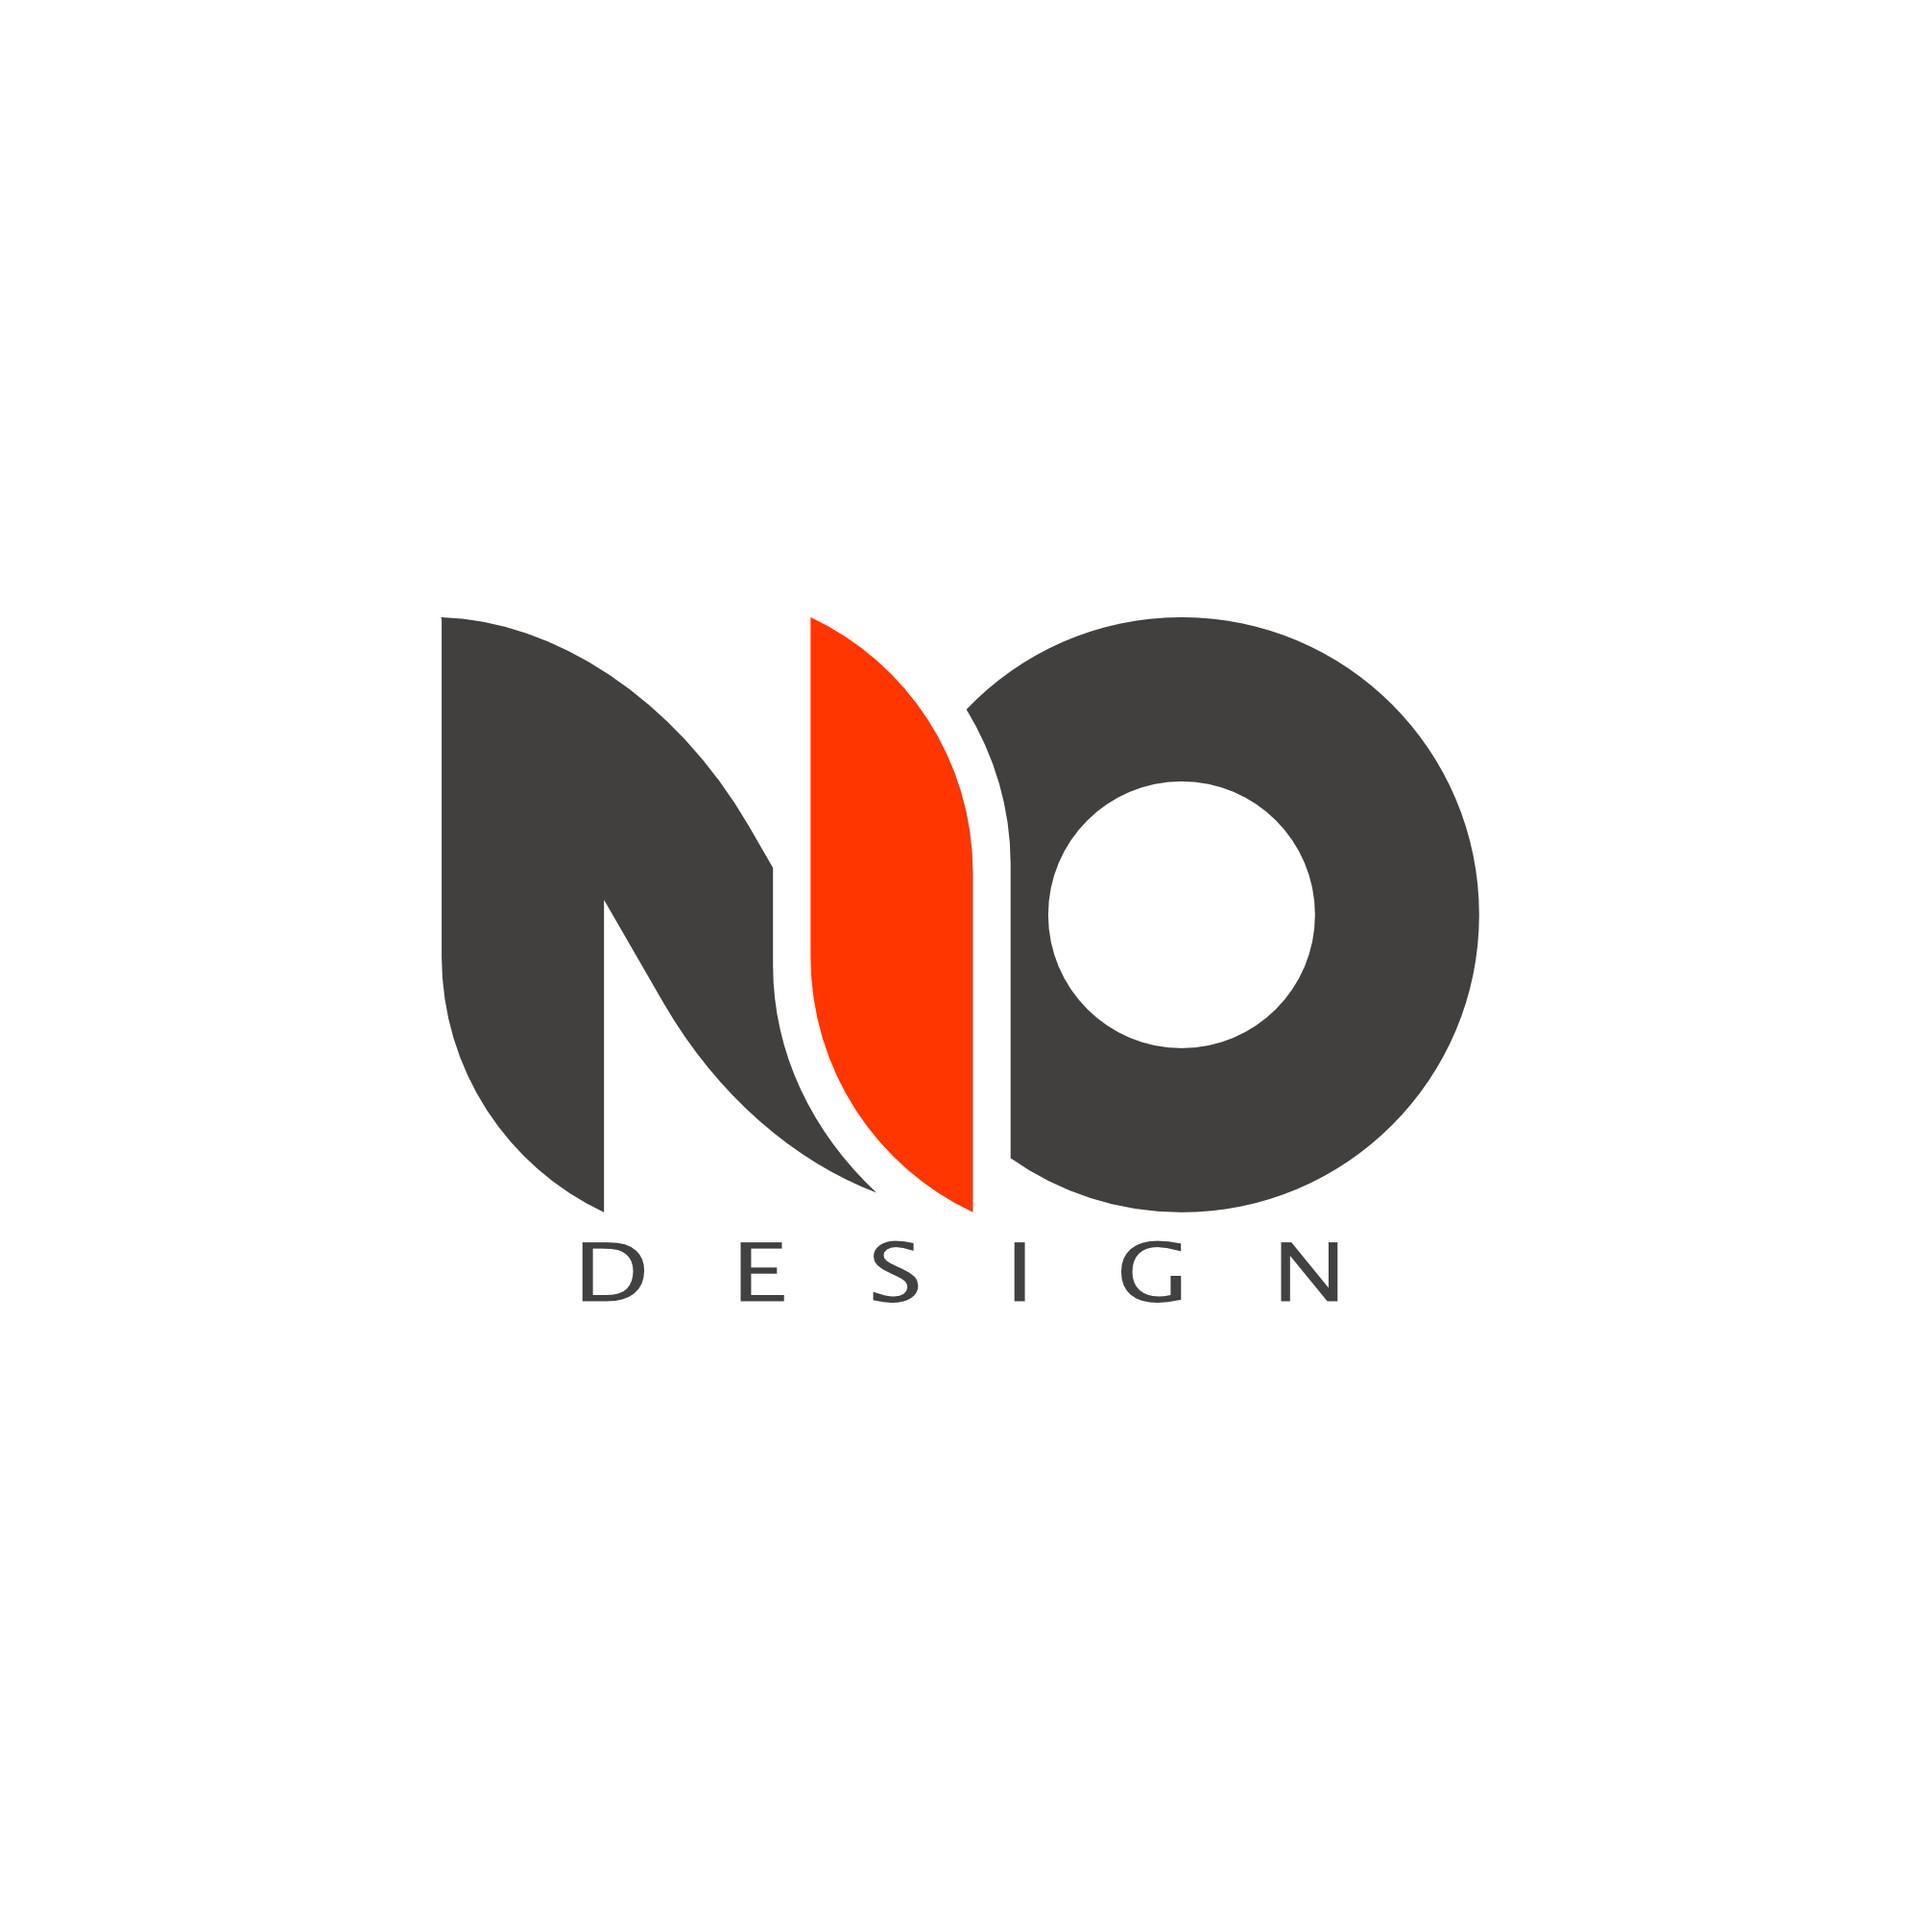 Nio Design